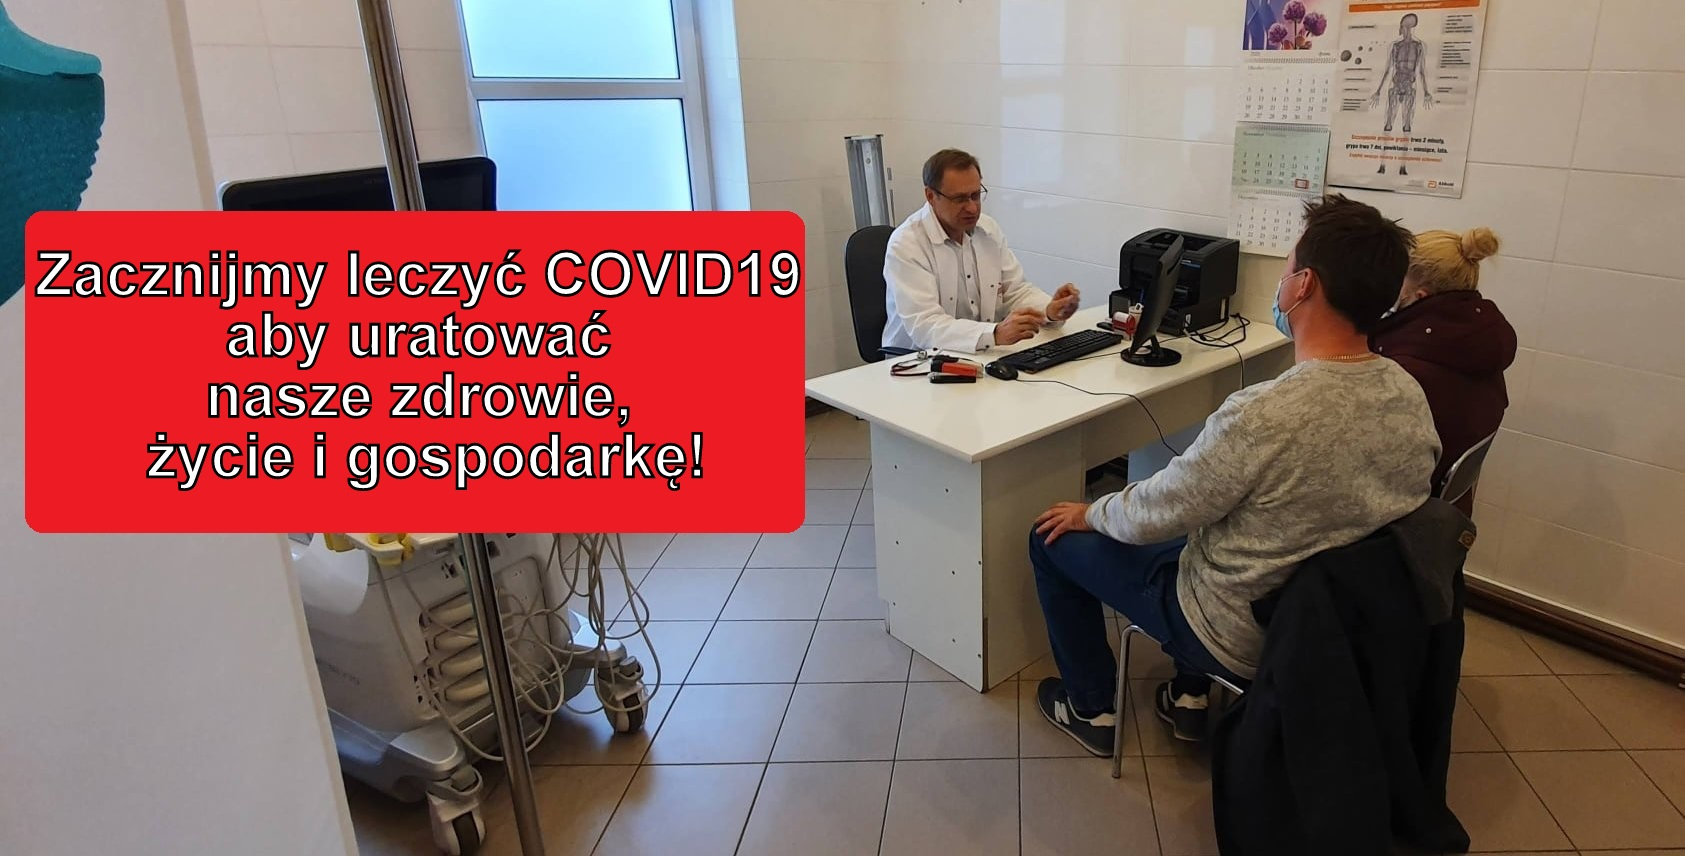 GORĄCY TEMAT: Dr Włodzimierz Bodnar: - Nikomu nie zależy na leczeniu! Na taką pandemię czekano wiele lat! [WIDEO] - Zdjęcie główne